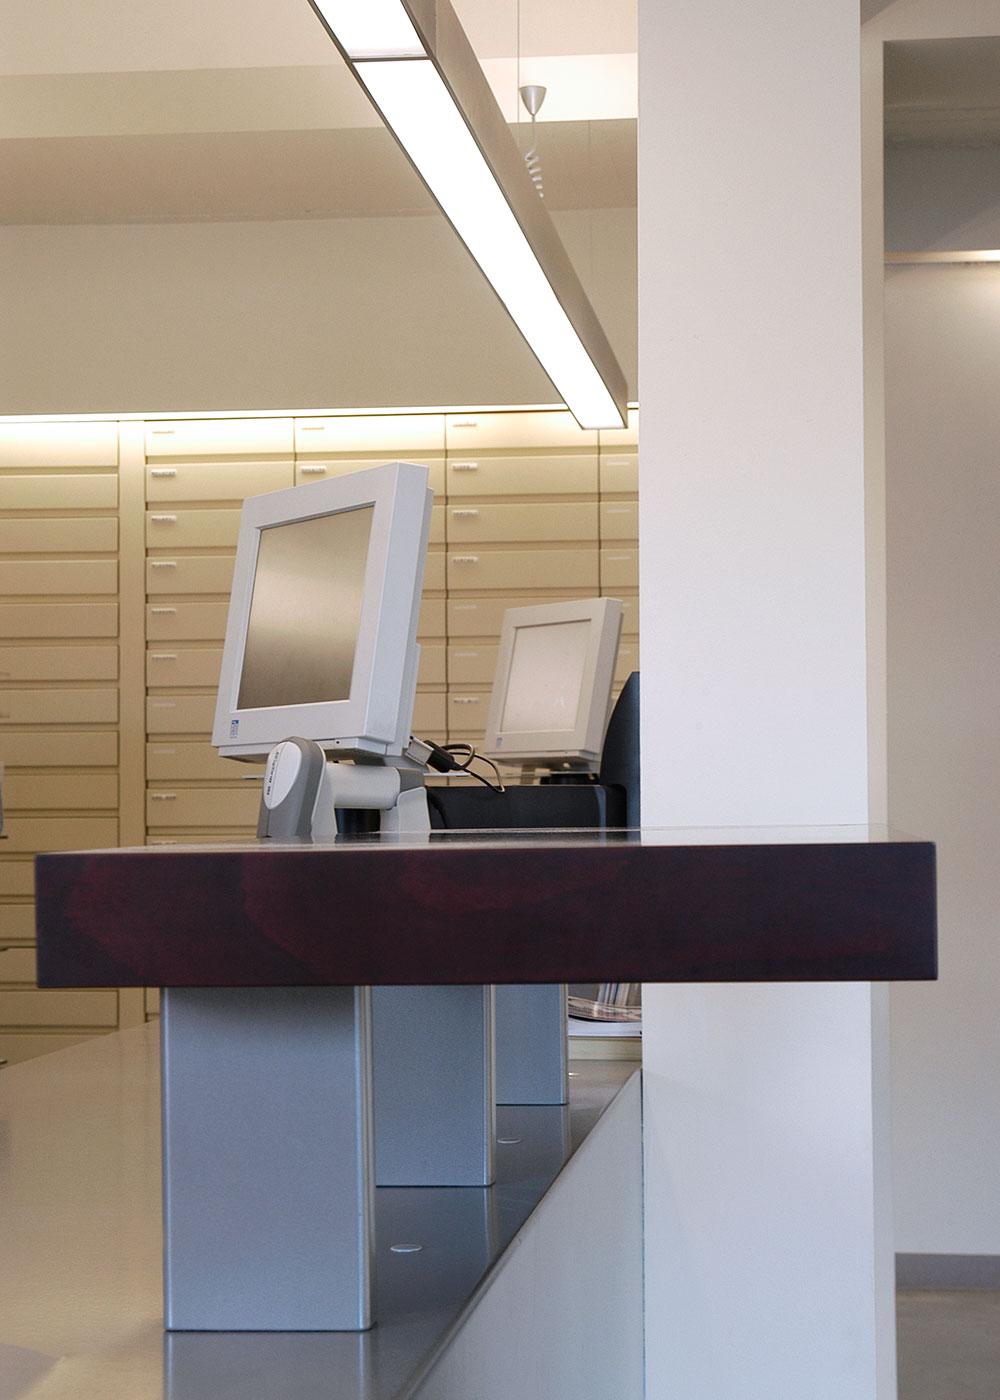 De op maat gemaakte ontvangstbalie bestaat uit drie aparte betaalterminals.